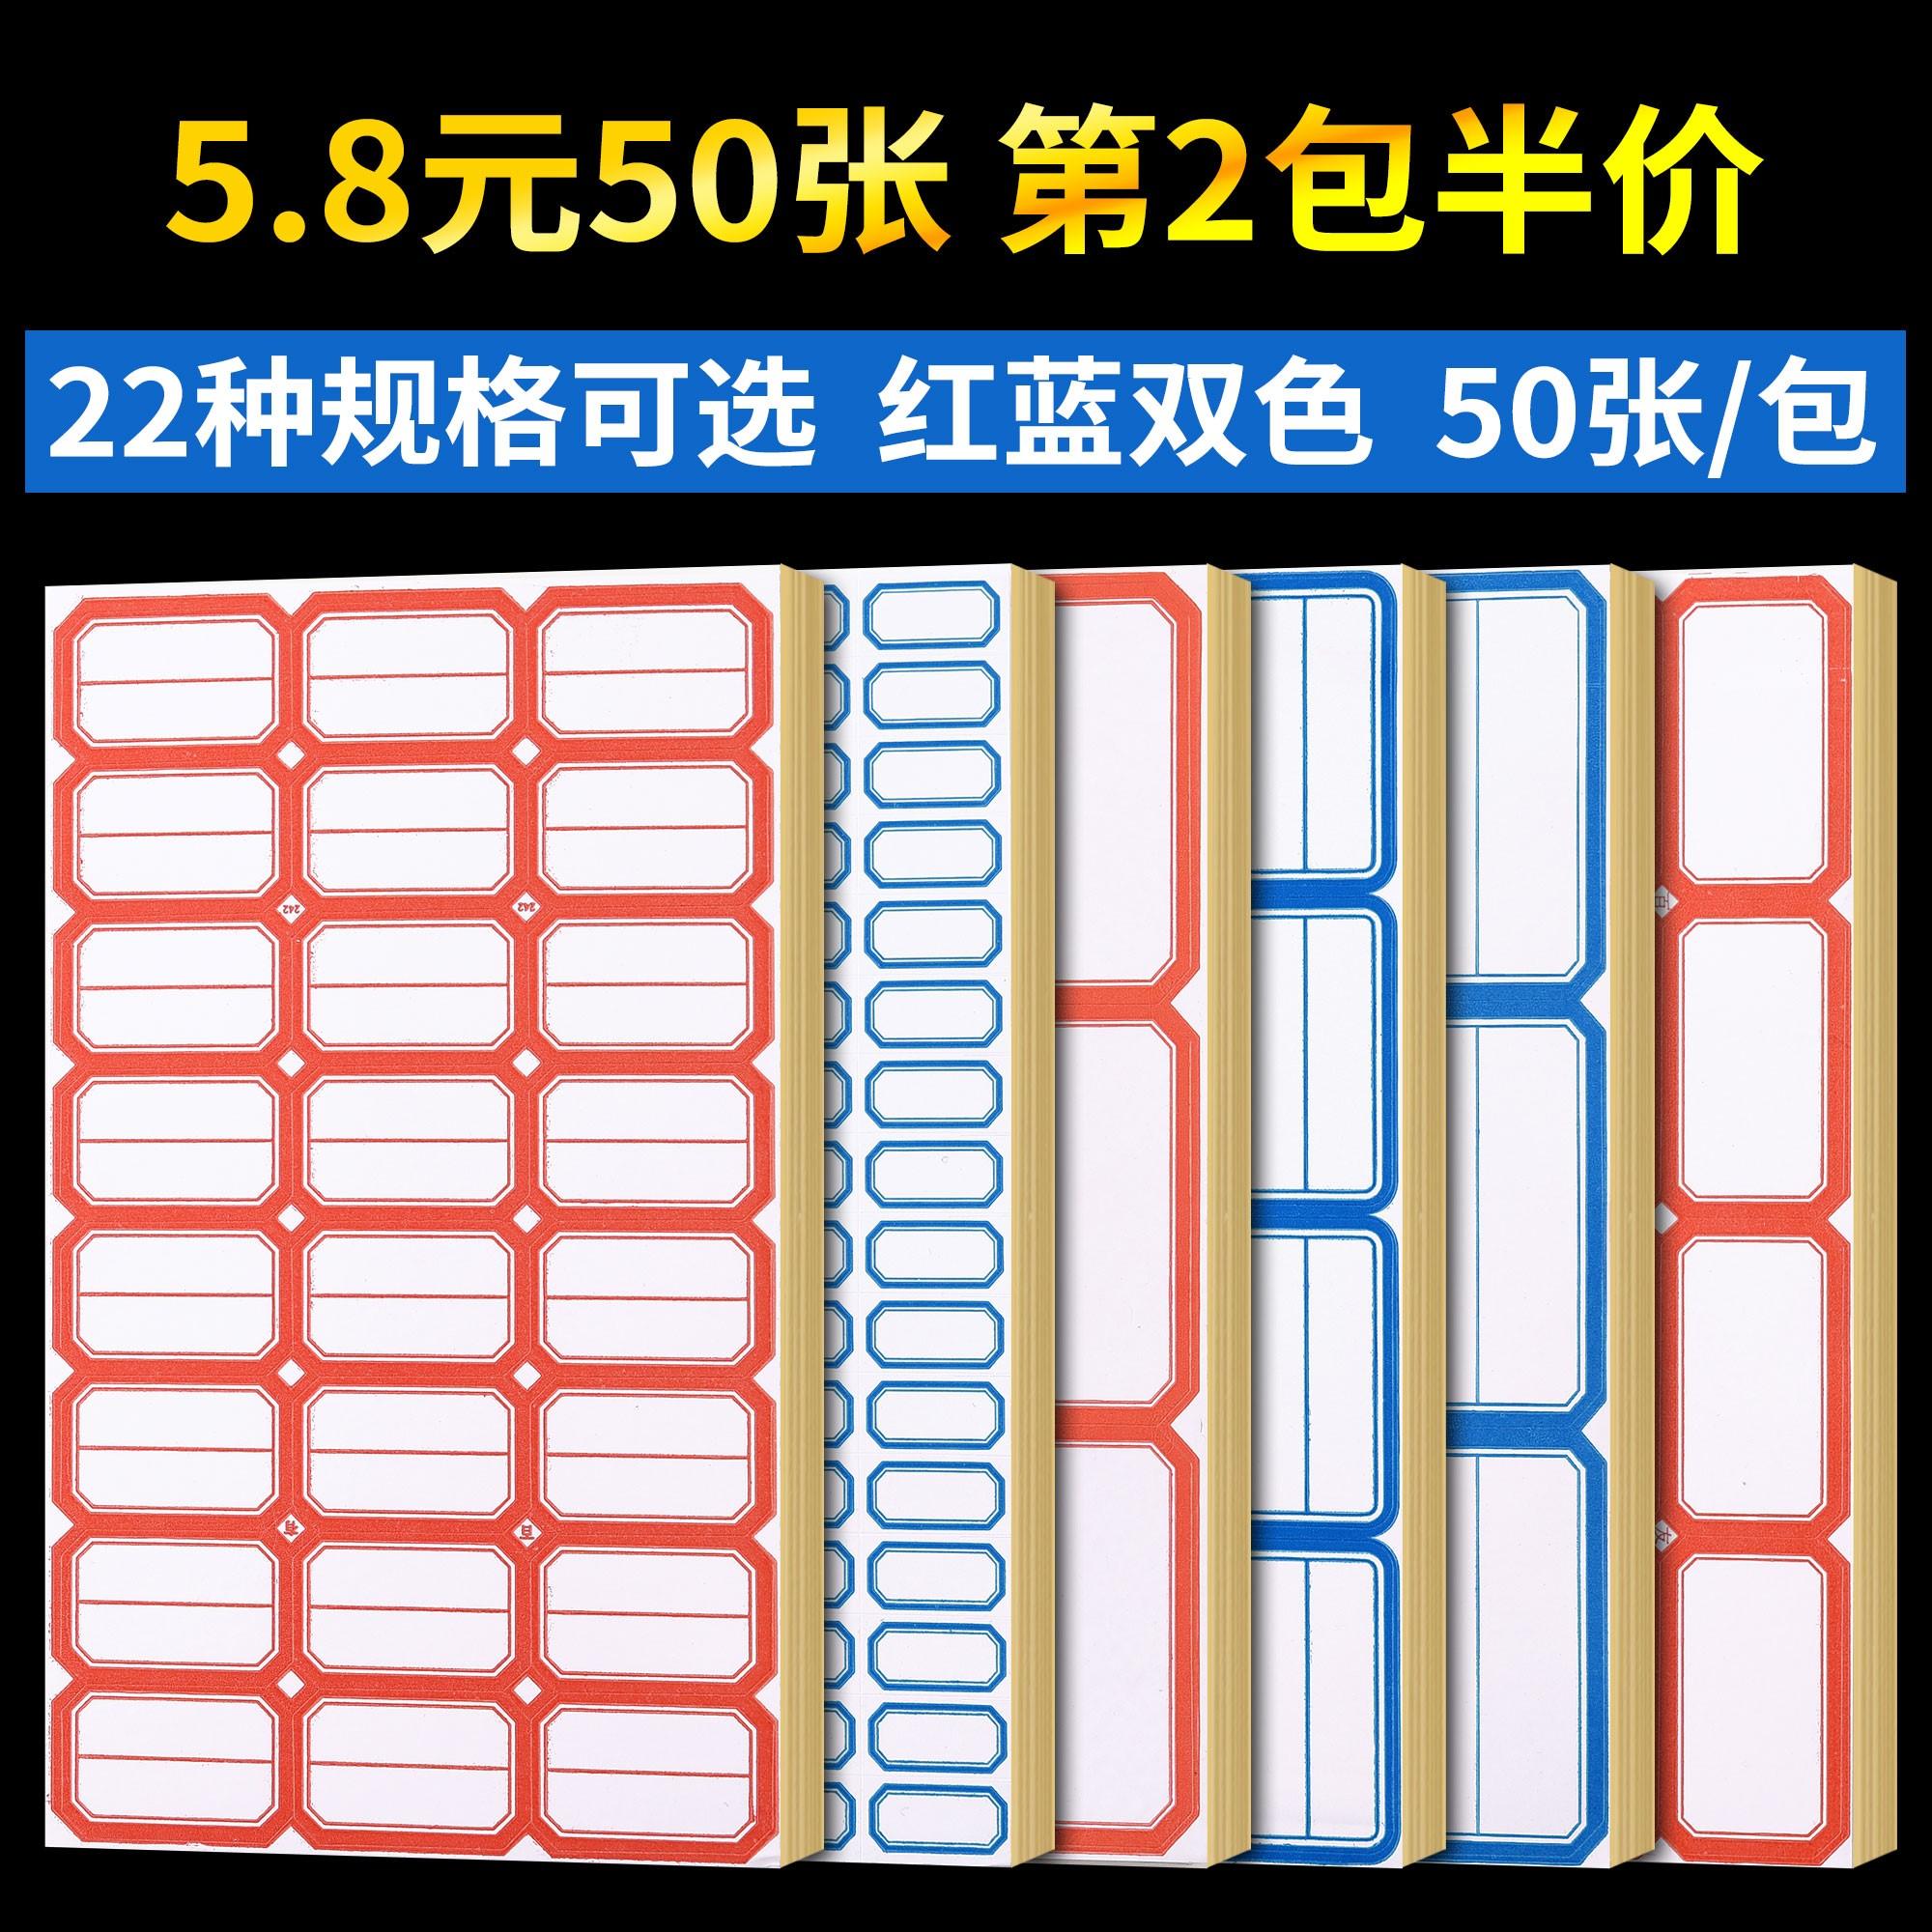 ステッカー商品の価格はシールを貼り付けて紙を取ります。防水記号を貼って分類シールを貼ってください。